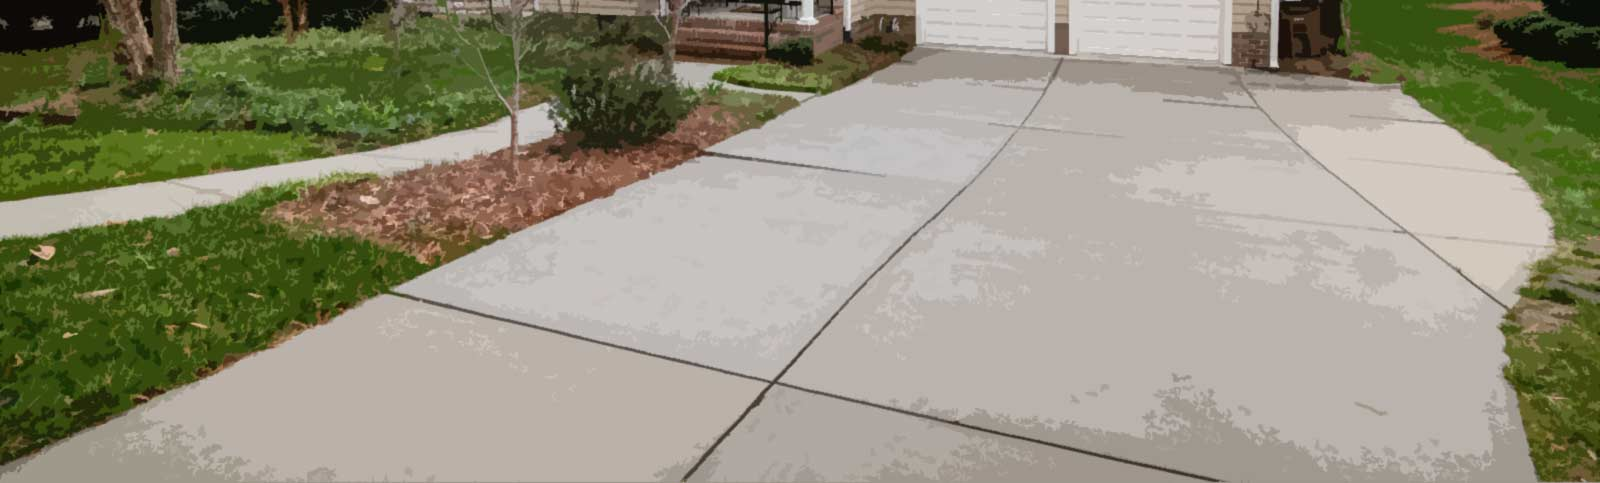 Recipe for a Lasting Concrete Driveway